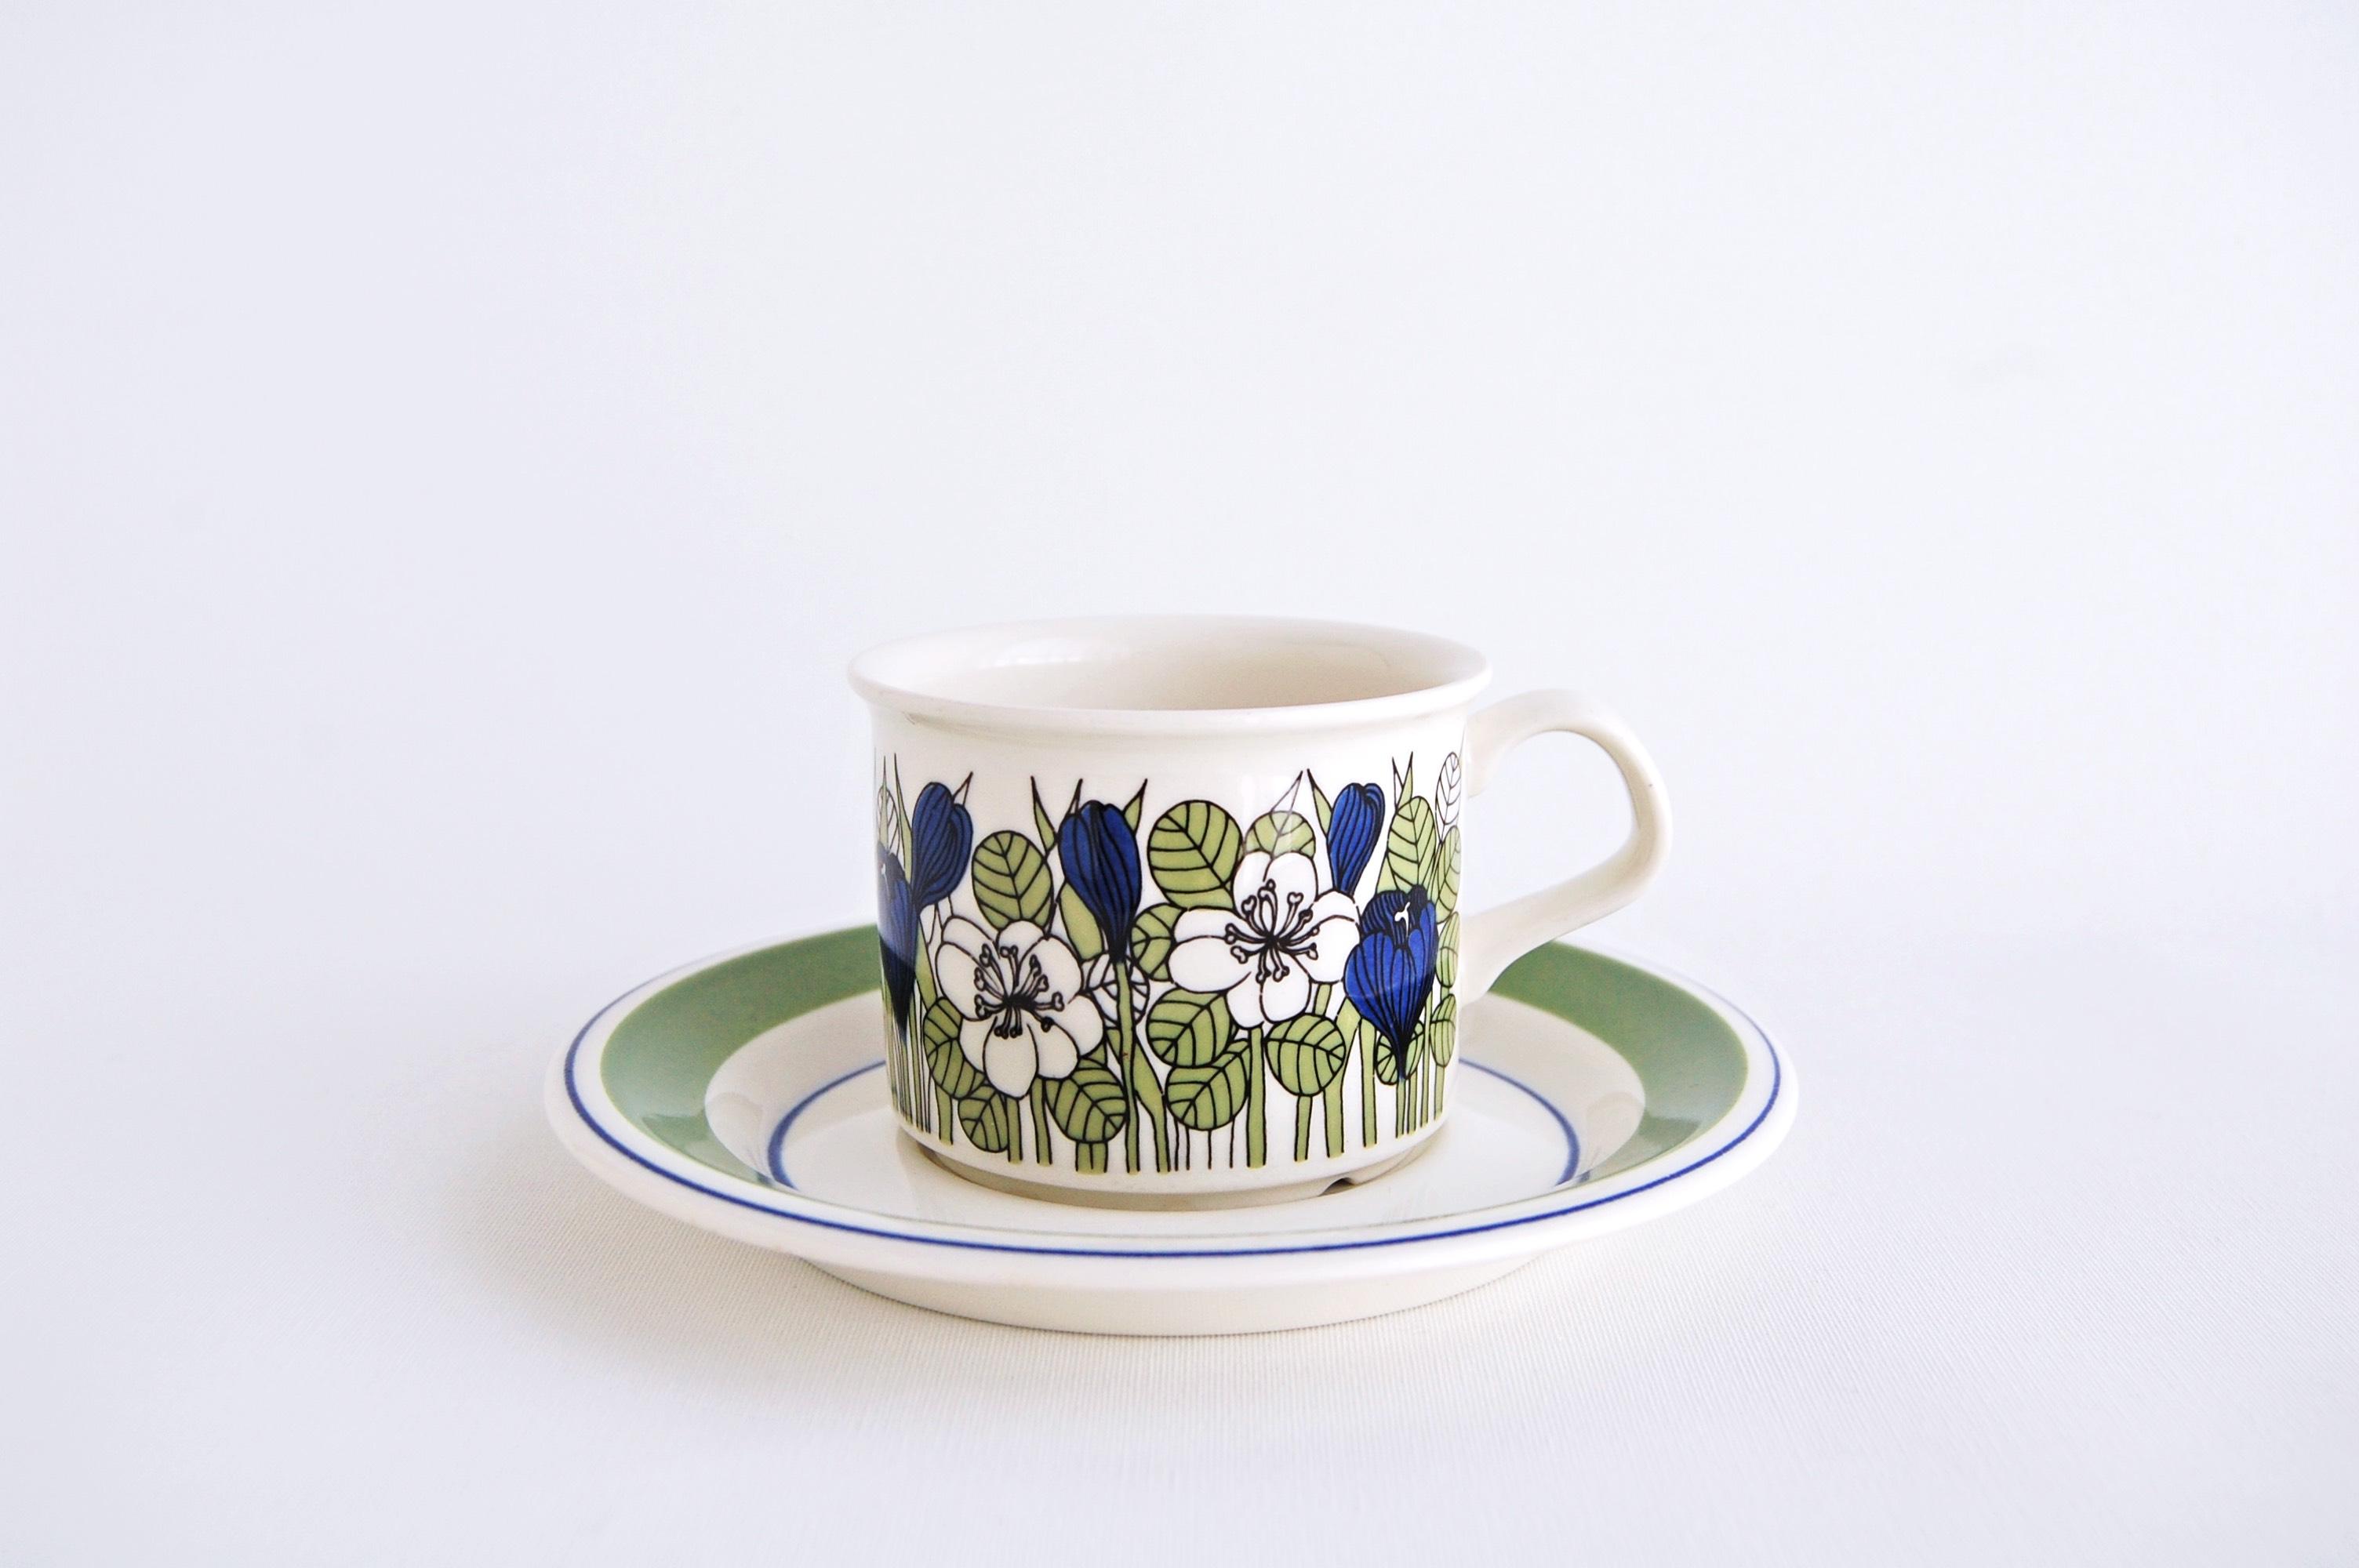 ARABIA/アラビア Krokus/クロッカス(カラー)コーヒーカップ&ソーサー 003